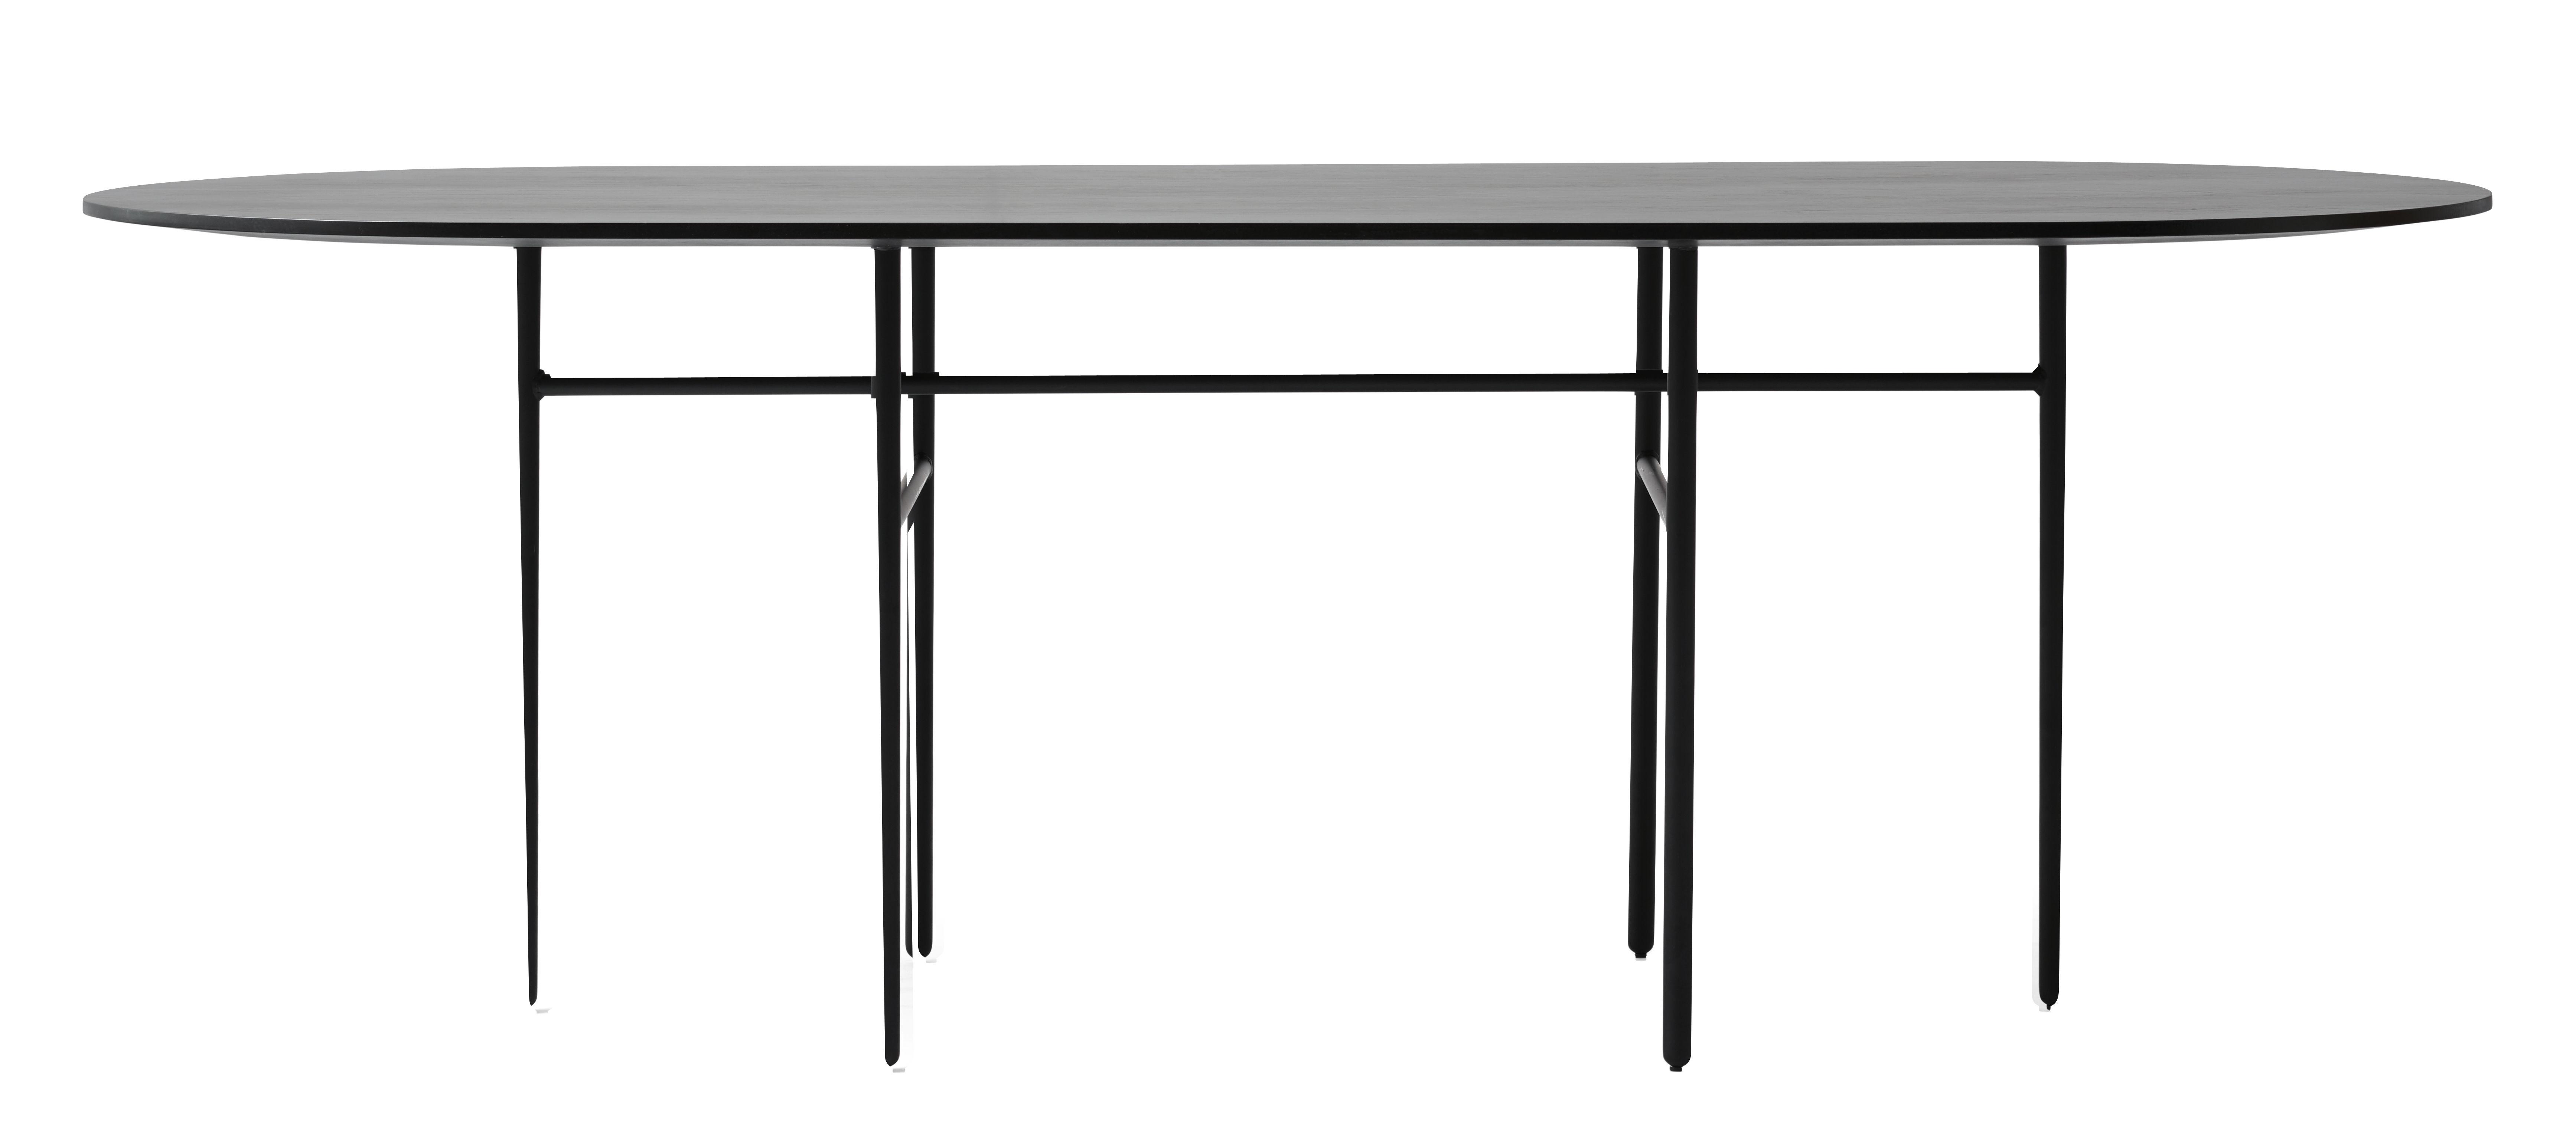 Arredamento - Tavoli - Tavolo Snaregade / Ovale - 210 x 95 cm - Menu - Nero - Acciaio laccato, Compensato di rovere